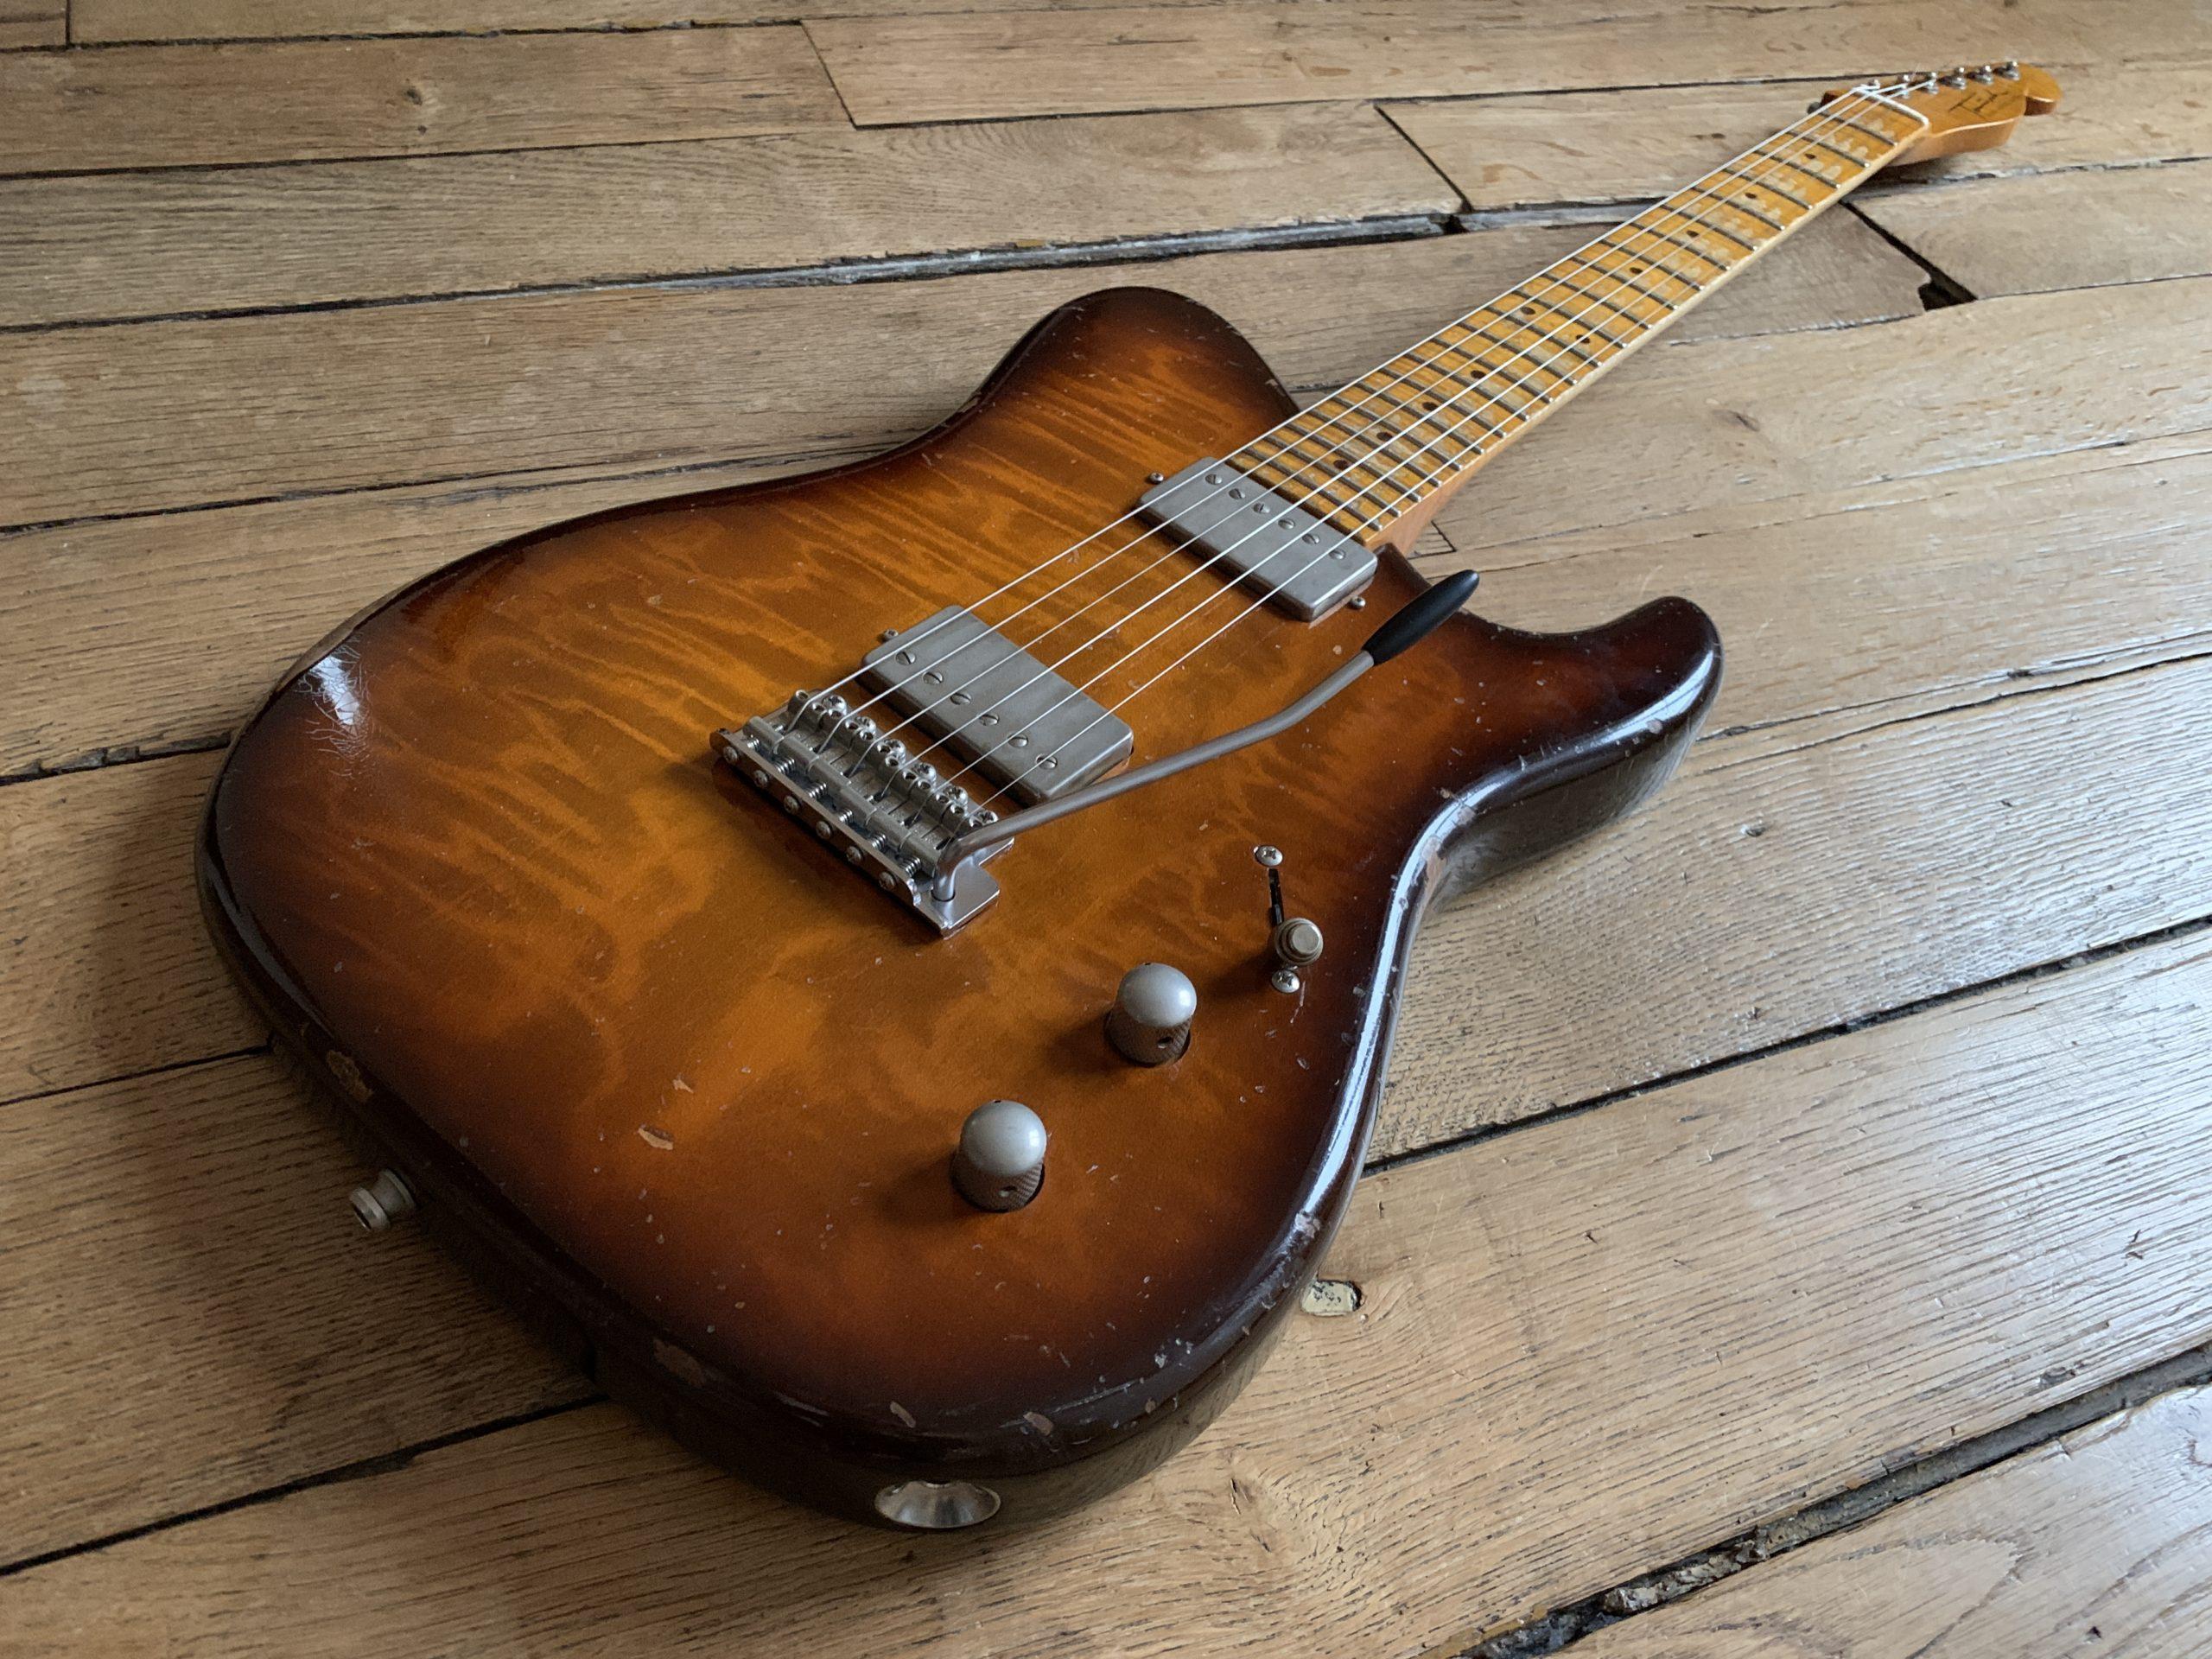 En vedette au showroom : Tausch Guitars modèle 665 Raw Deluxe